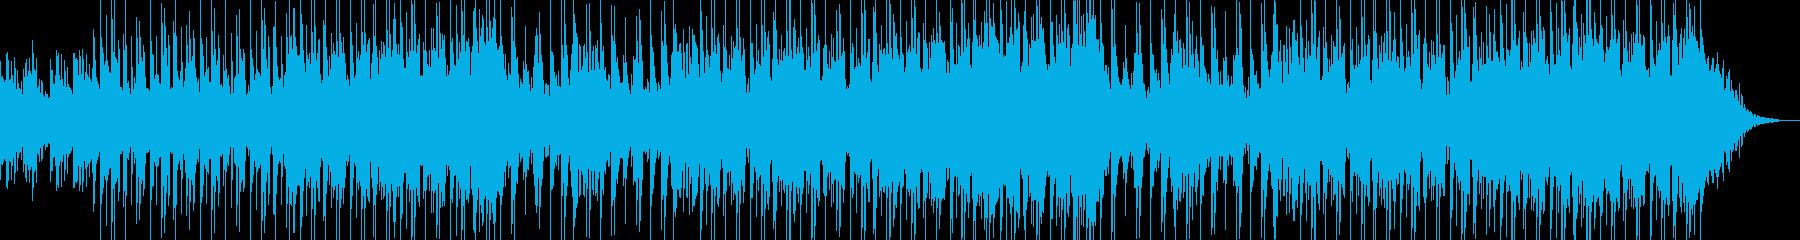 爽やかで明るく穏やかなチルアウト系EDMの再生済みの波形